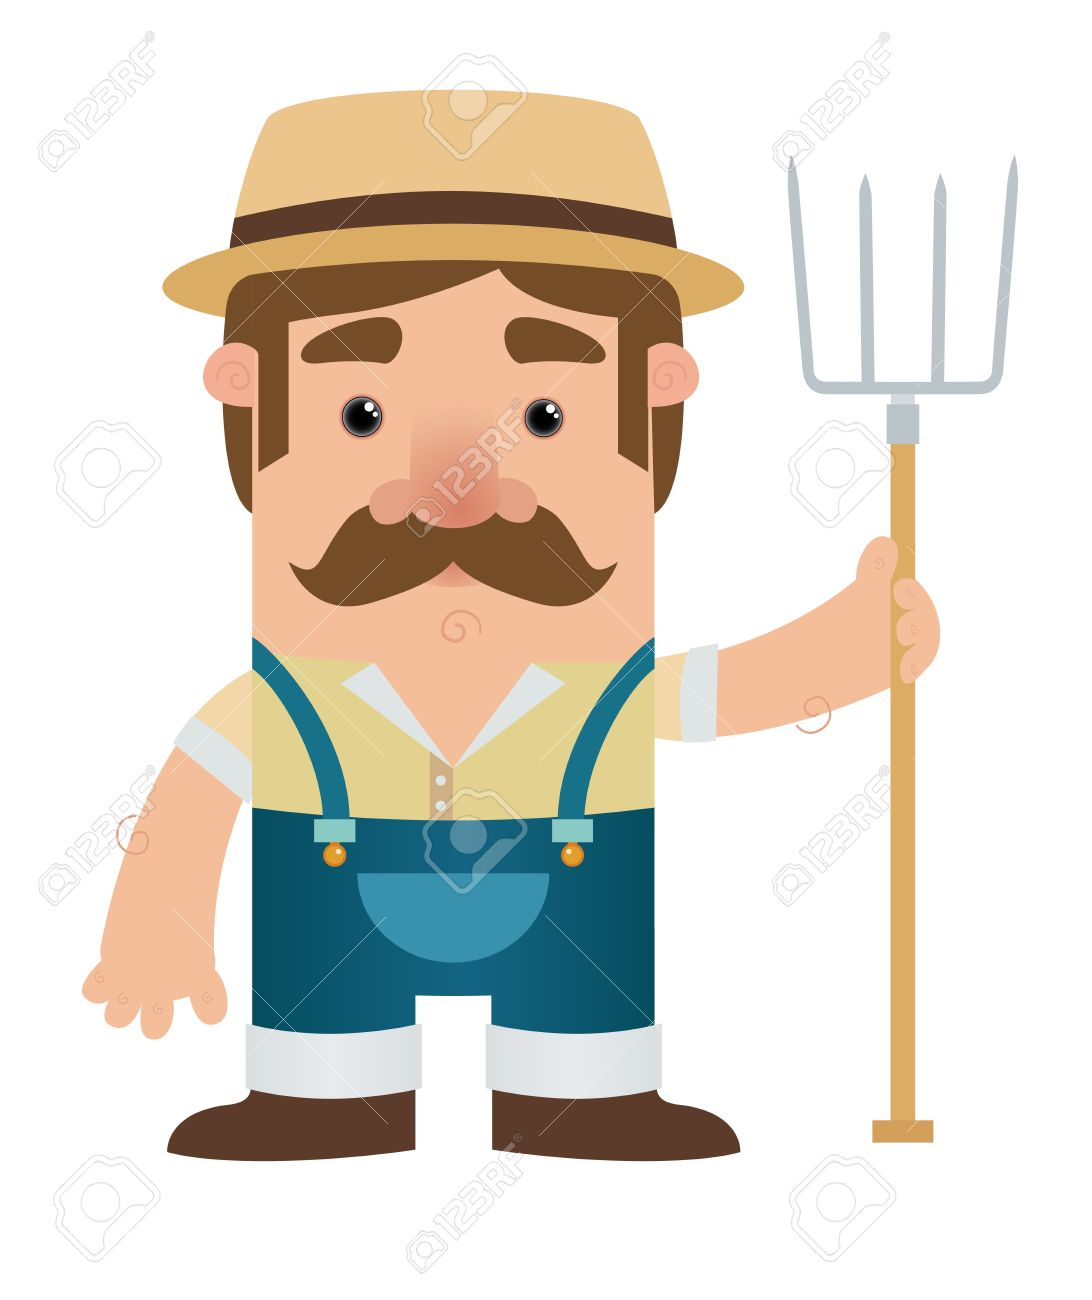 Cartoon Farmer Character - 9930109